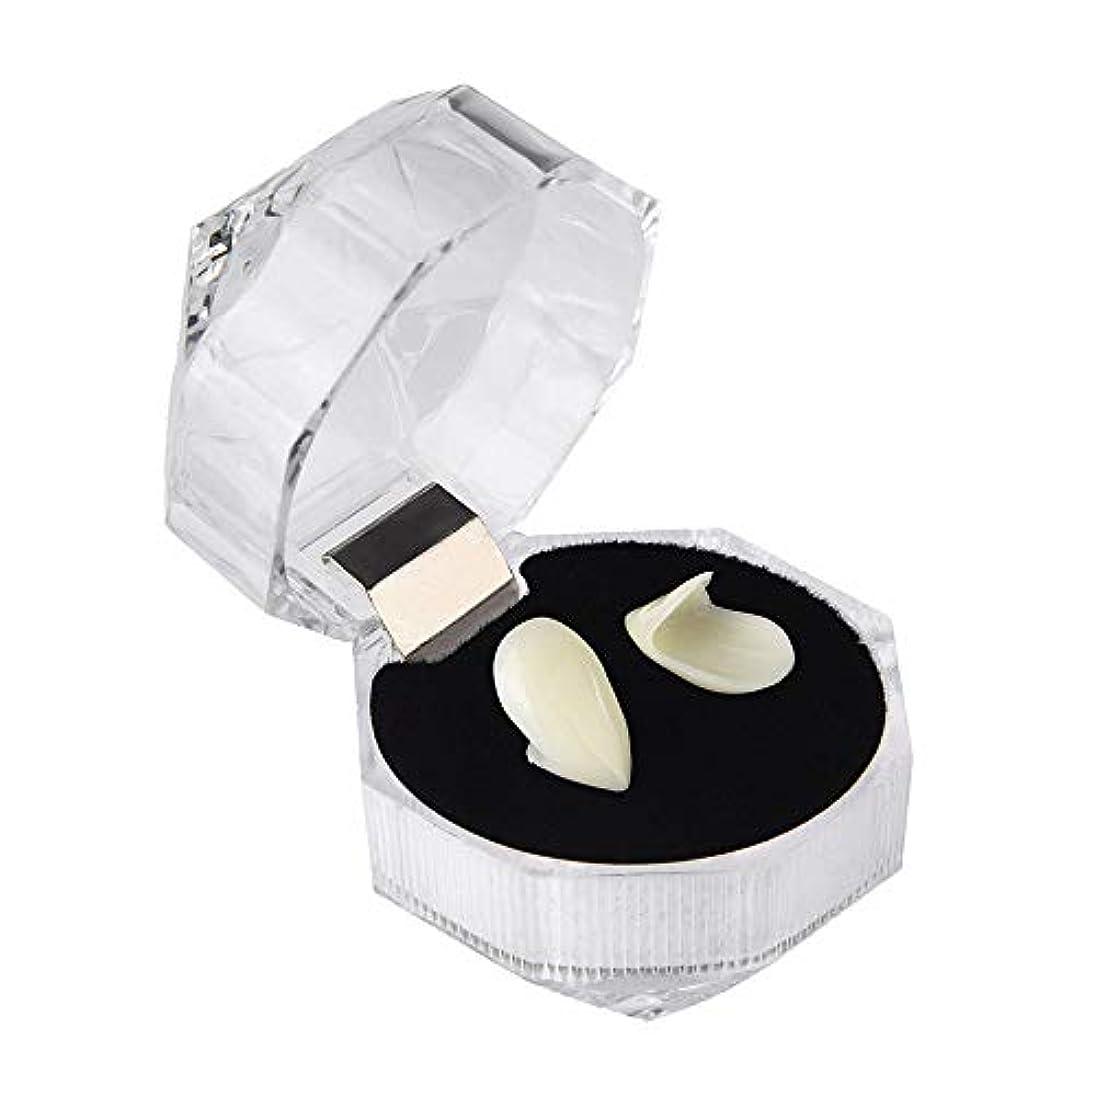 書き込み暫定の十二ユニセックスハロウィンロールプレイングゾンビ義歯、樹脂にやさしい食品グレード義歯(歯のジェル付き),13mm